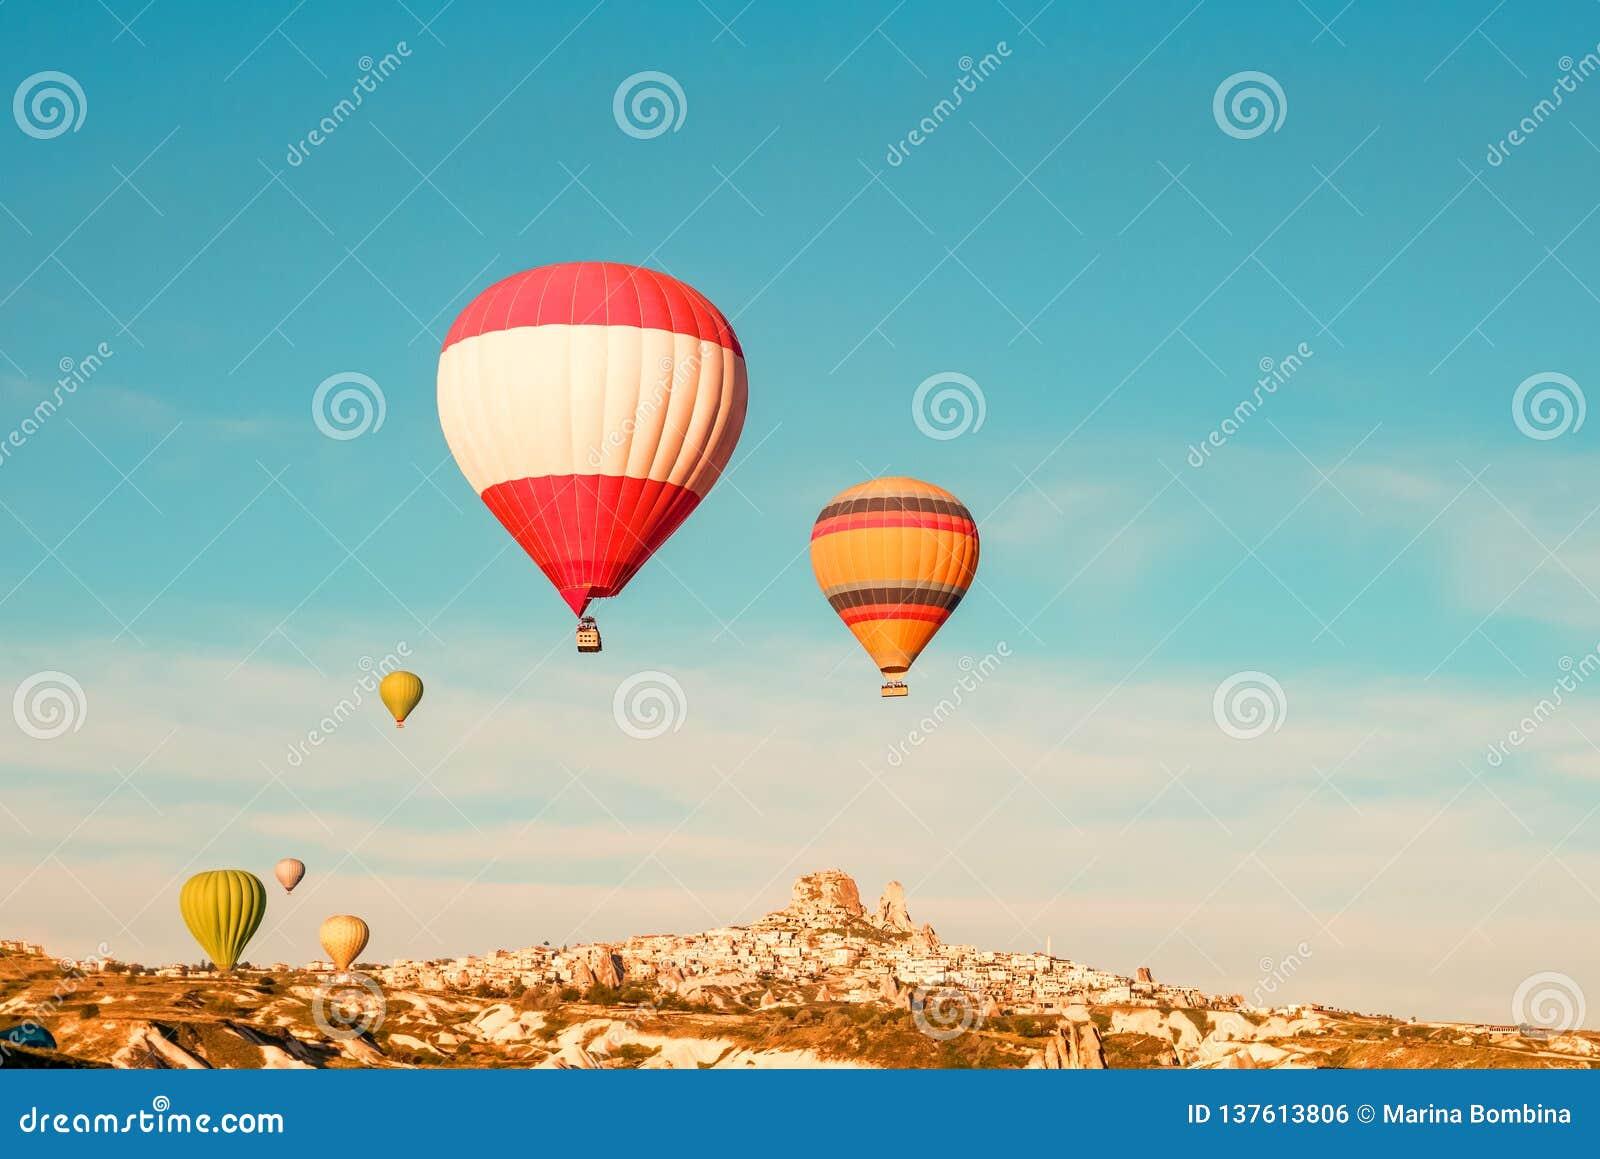 Kleurrijke hete luchtballons die dichtbij Uchisar-kasteel bij zonsopgang, Cappadocia, Turkije vliegen